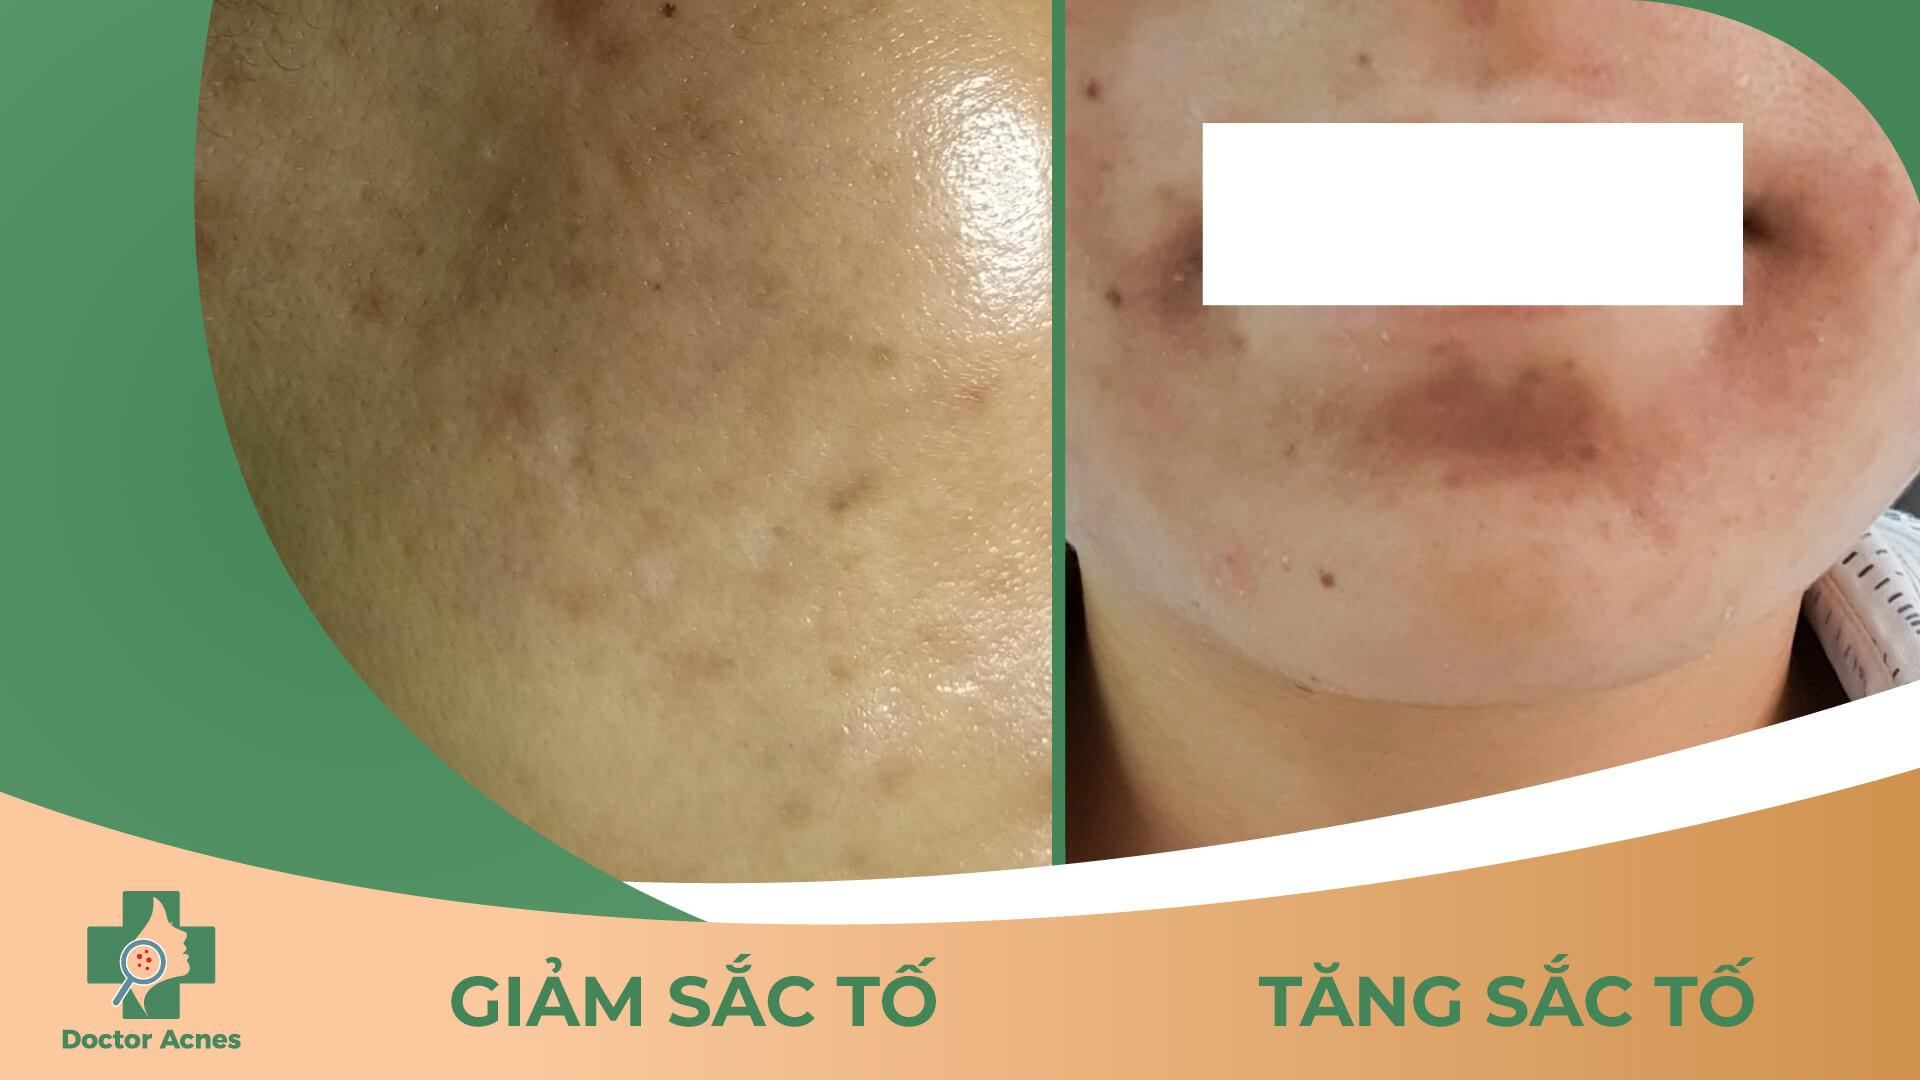 Biến chứng giảm sắc tố và tăng sắc tố sau khi peel da